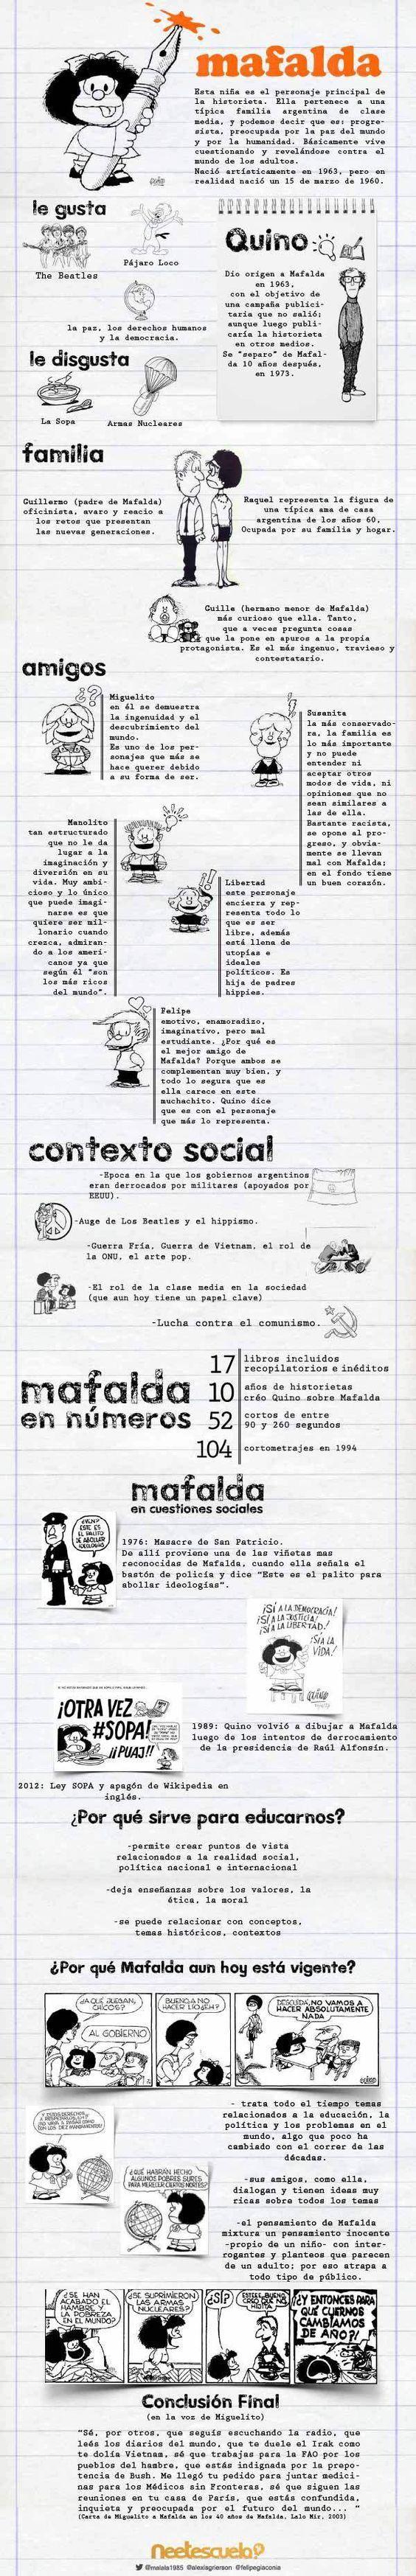 El Mundo de Mafalda #infografia